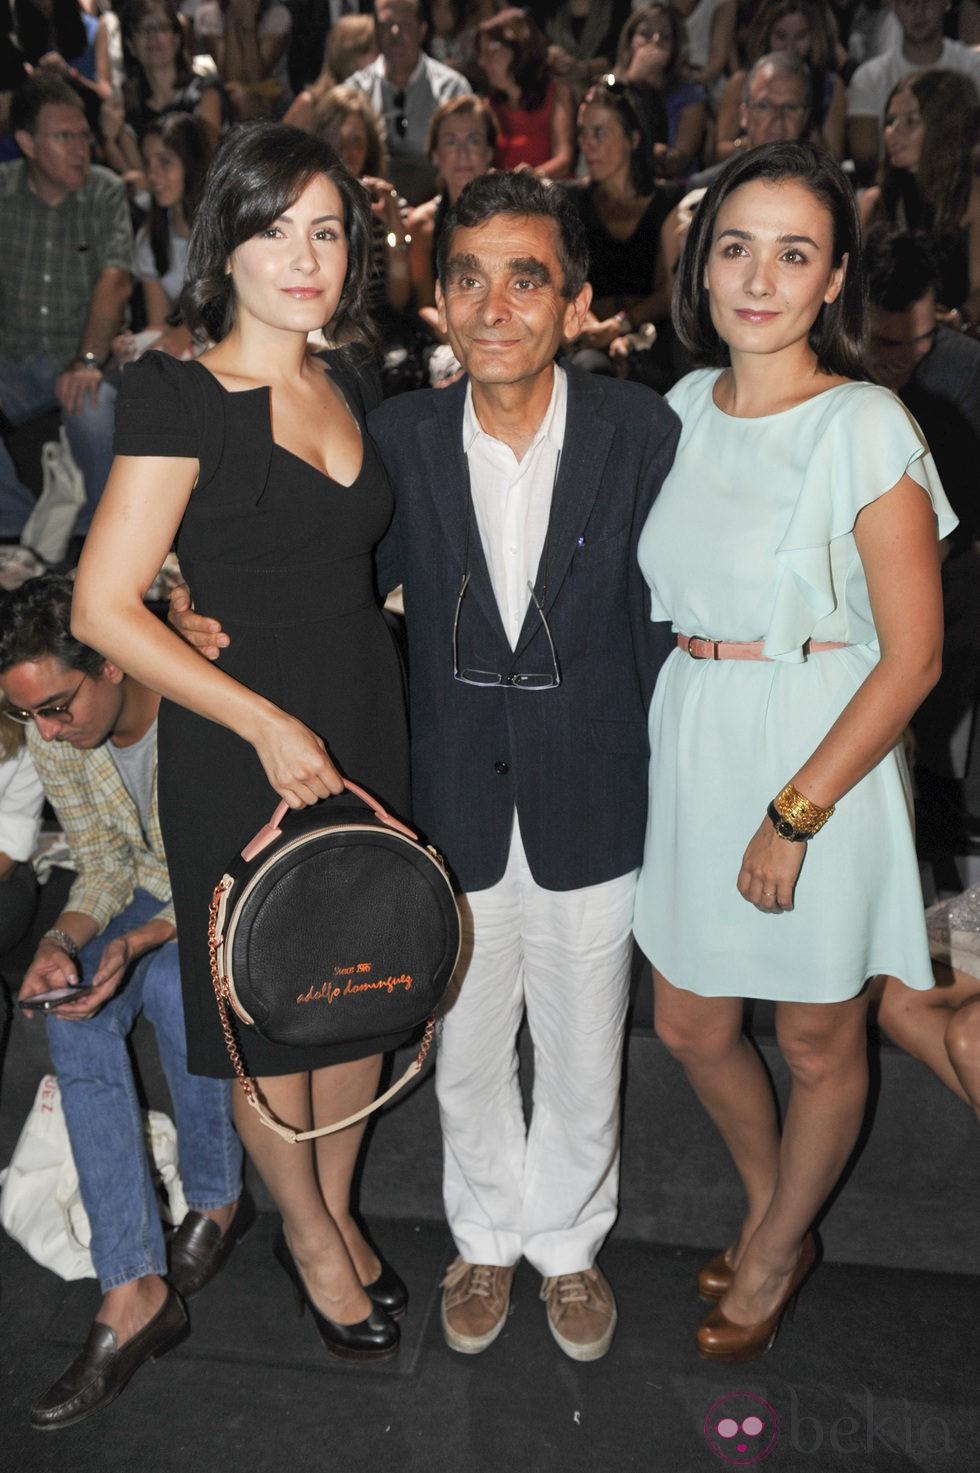 Adolfo dom nguez y sus hijas en cibeles foto en bekia moda for Adolfo dominguez hijas